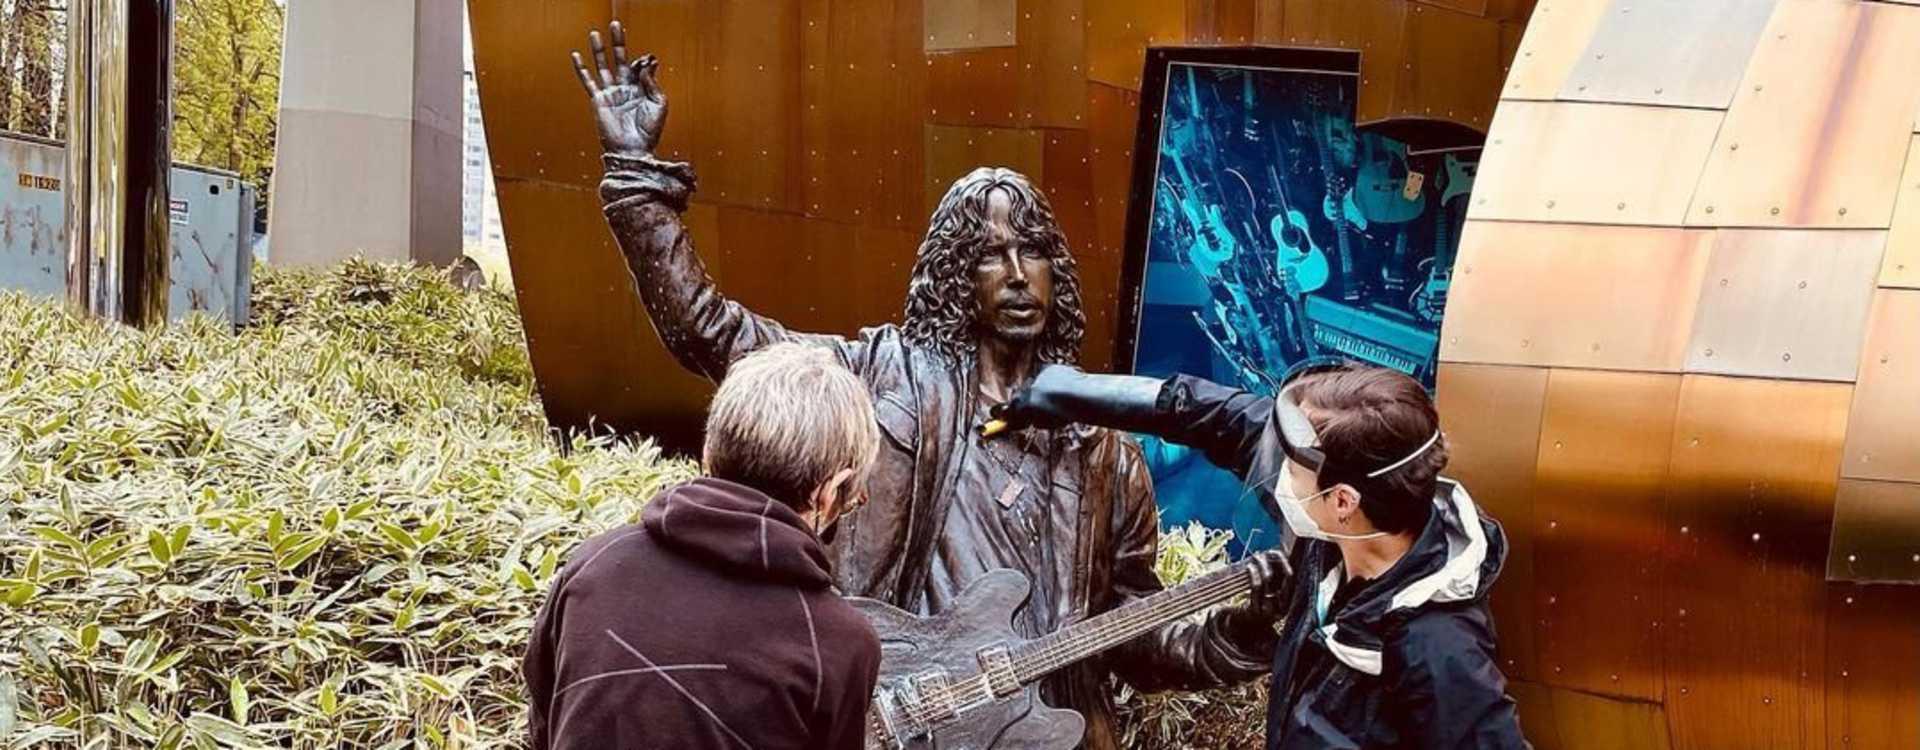 Soundgarden frontman Chris Cornell Rock Star Statue outside MoPop in Seattle